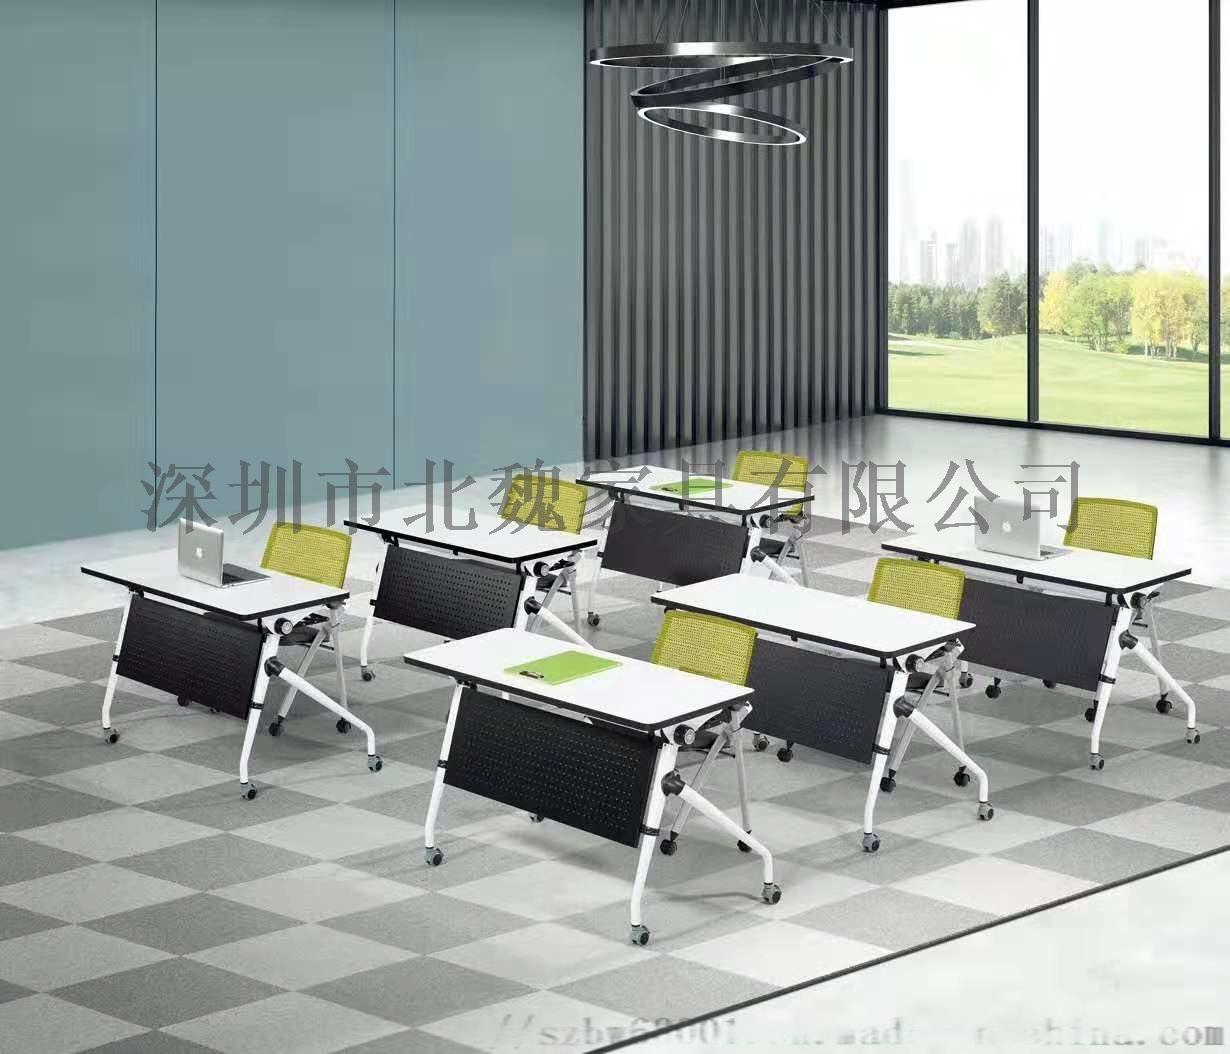 培训班折叠桌椅-员工折叠培训桌椅-可移动培训桌椅123205555